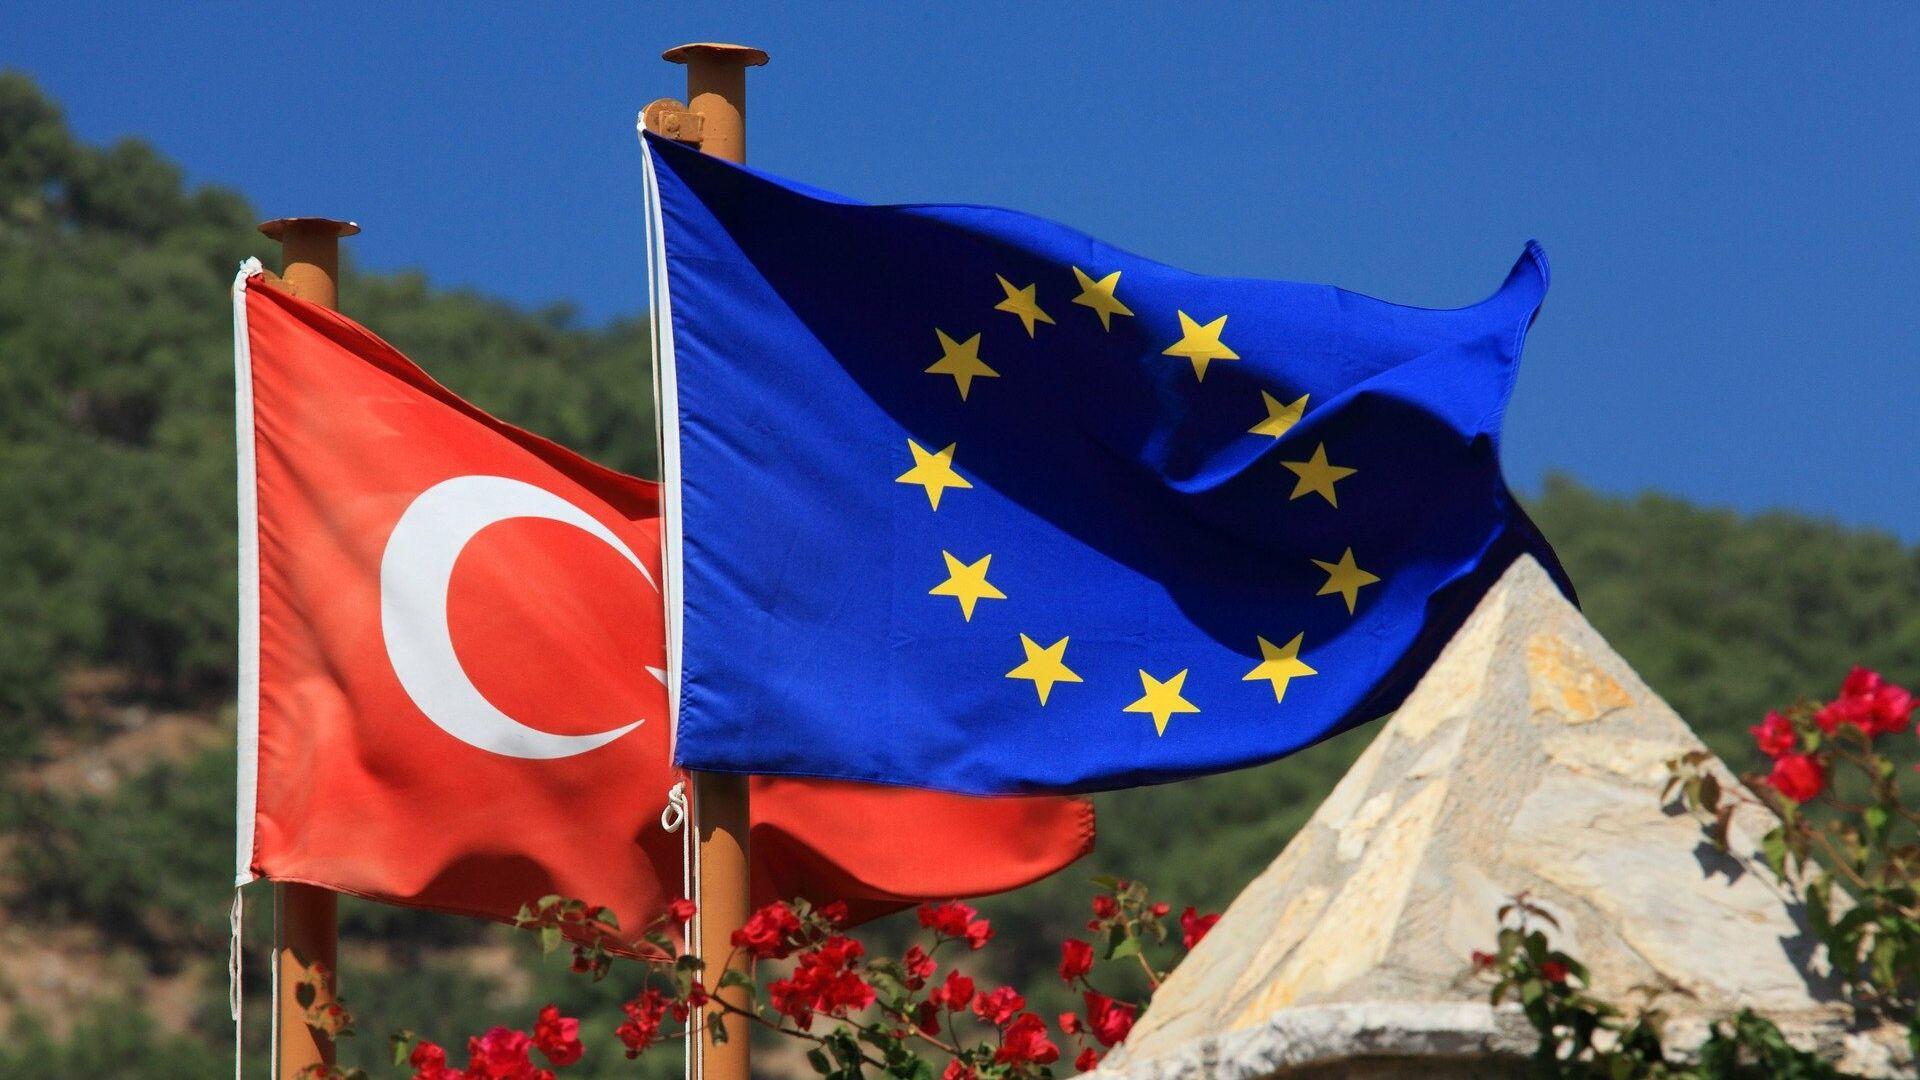 Le bandiere dell'UE e della Turchia - Sputnik Italia, 1920, 26.02.2021